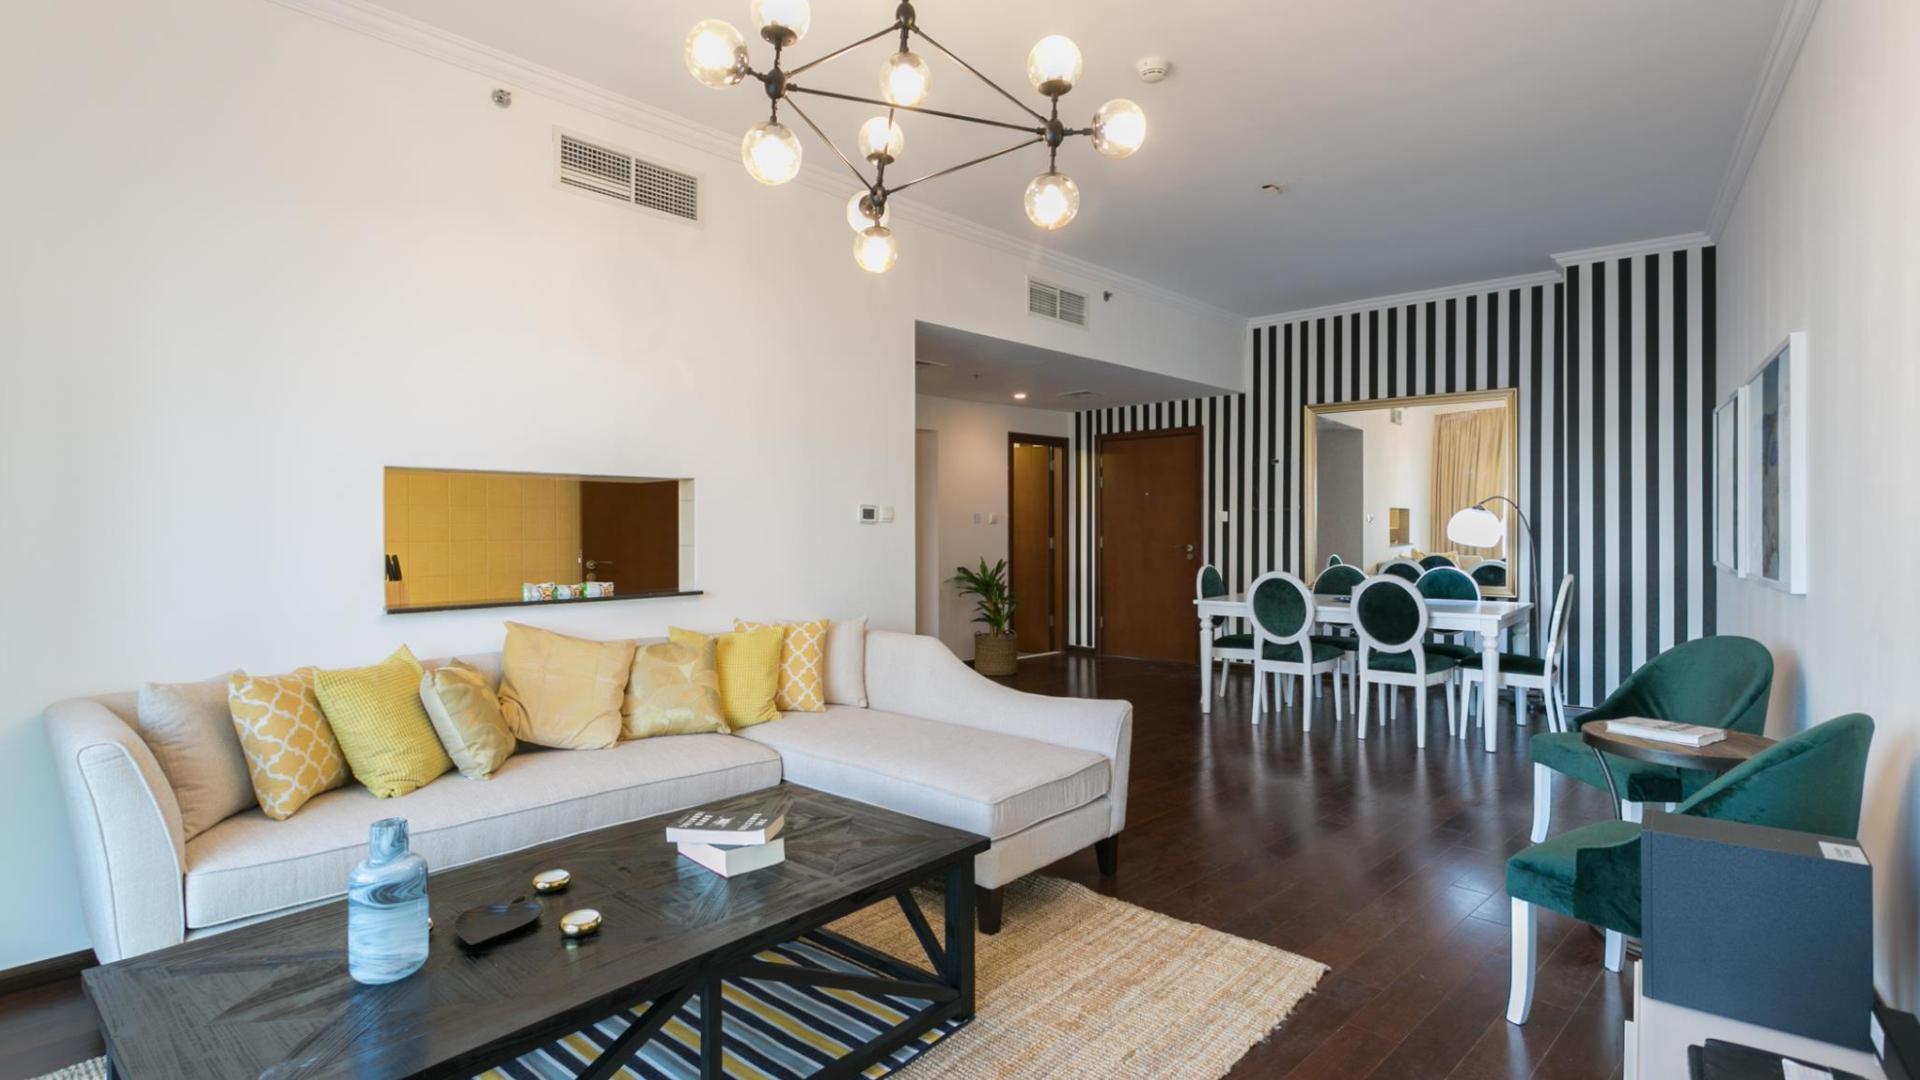 Apartamento en venta en Dubai, EAU, 1 dormitorio, 119 m2, № 24259 – foto 1